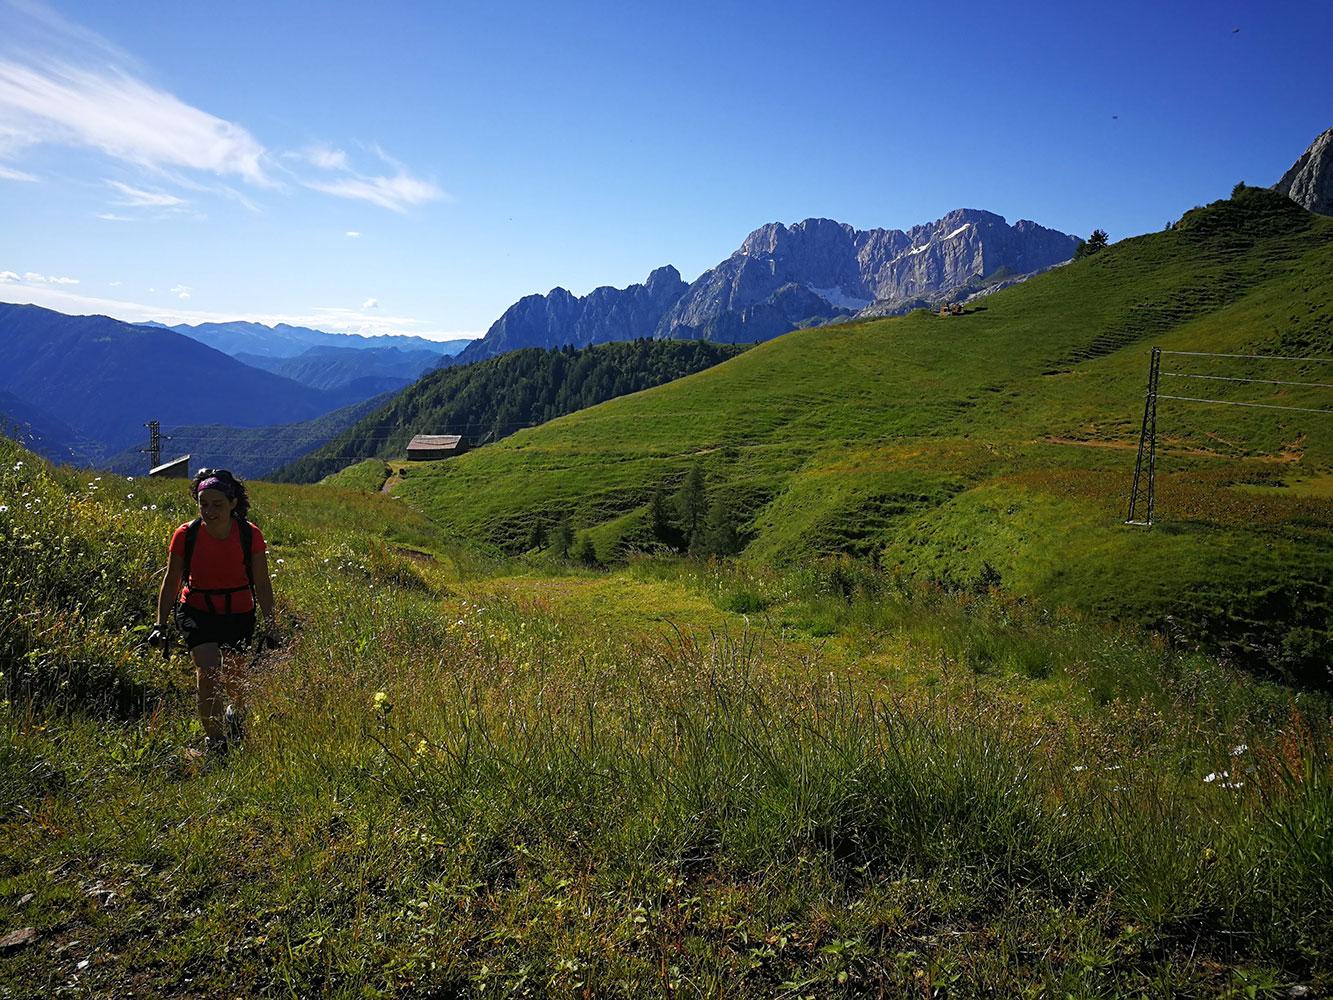 Gite ed escursioni in montagna con accompagnatori